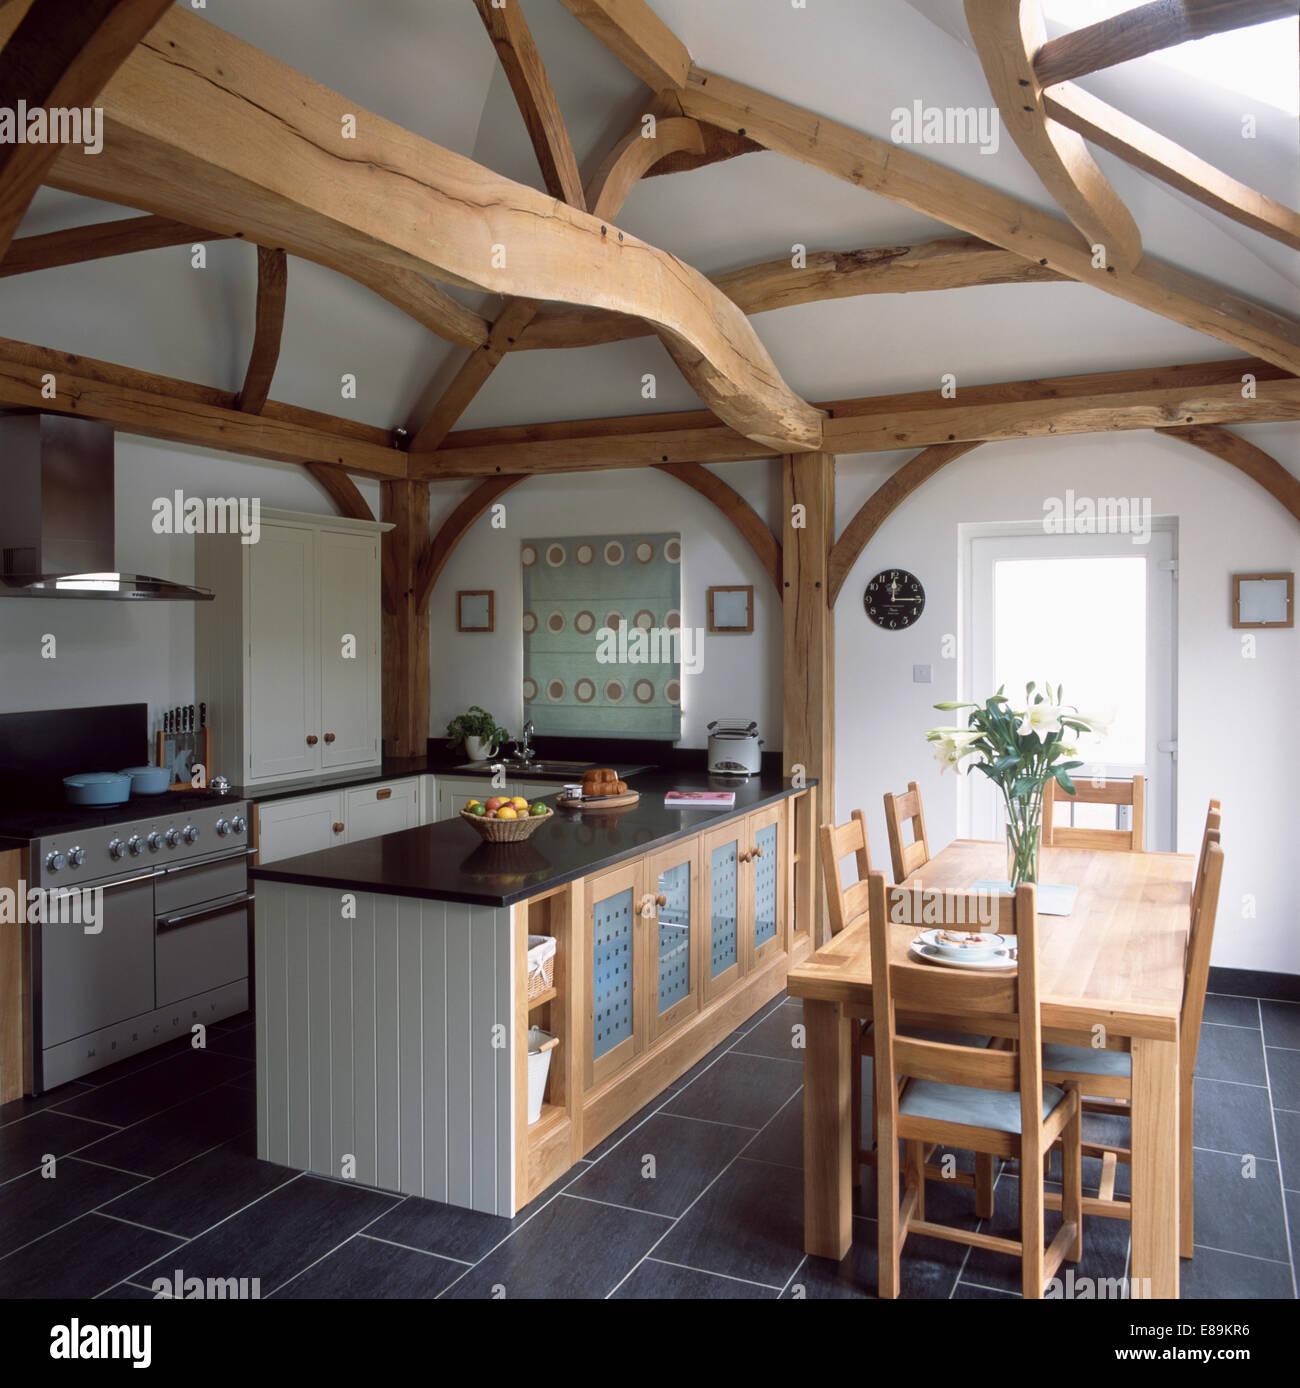 Großen Holzbalken und Insel-Einheit im Stall Umbau Küche mit